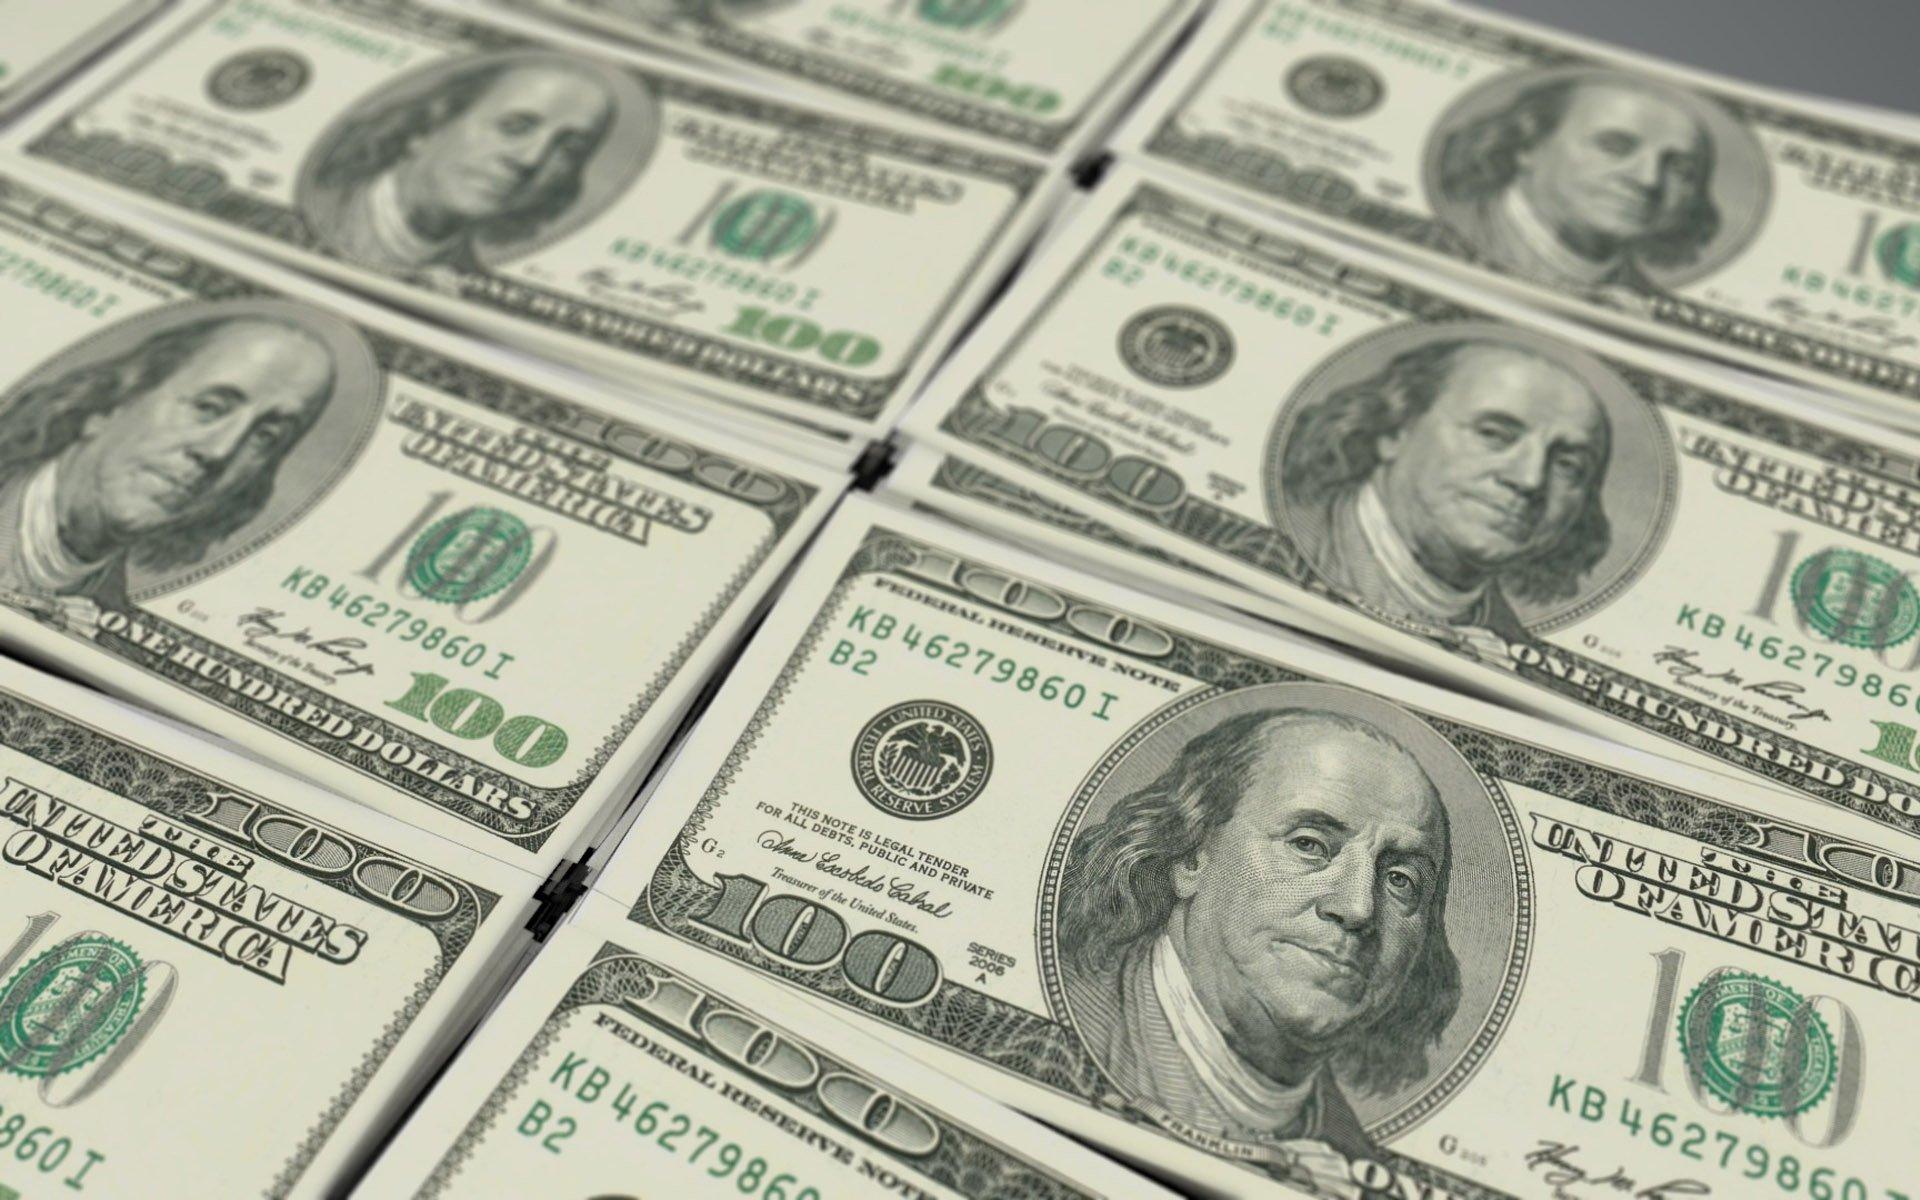 Ժողովուրդ. Հայաստանի պետական պարտքը սկսել է աճել